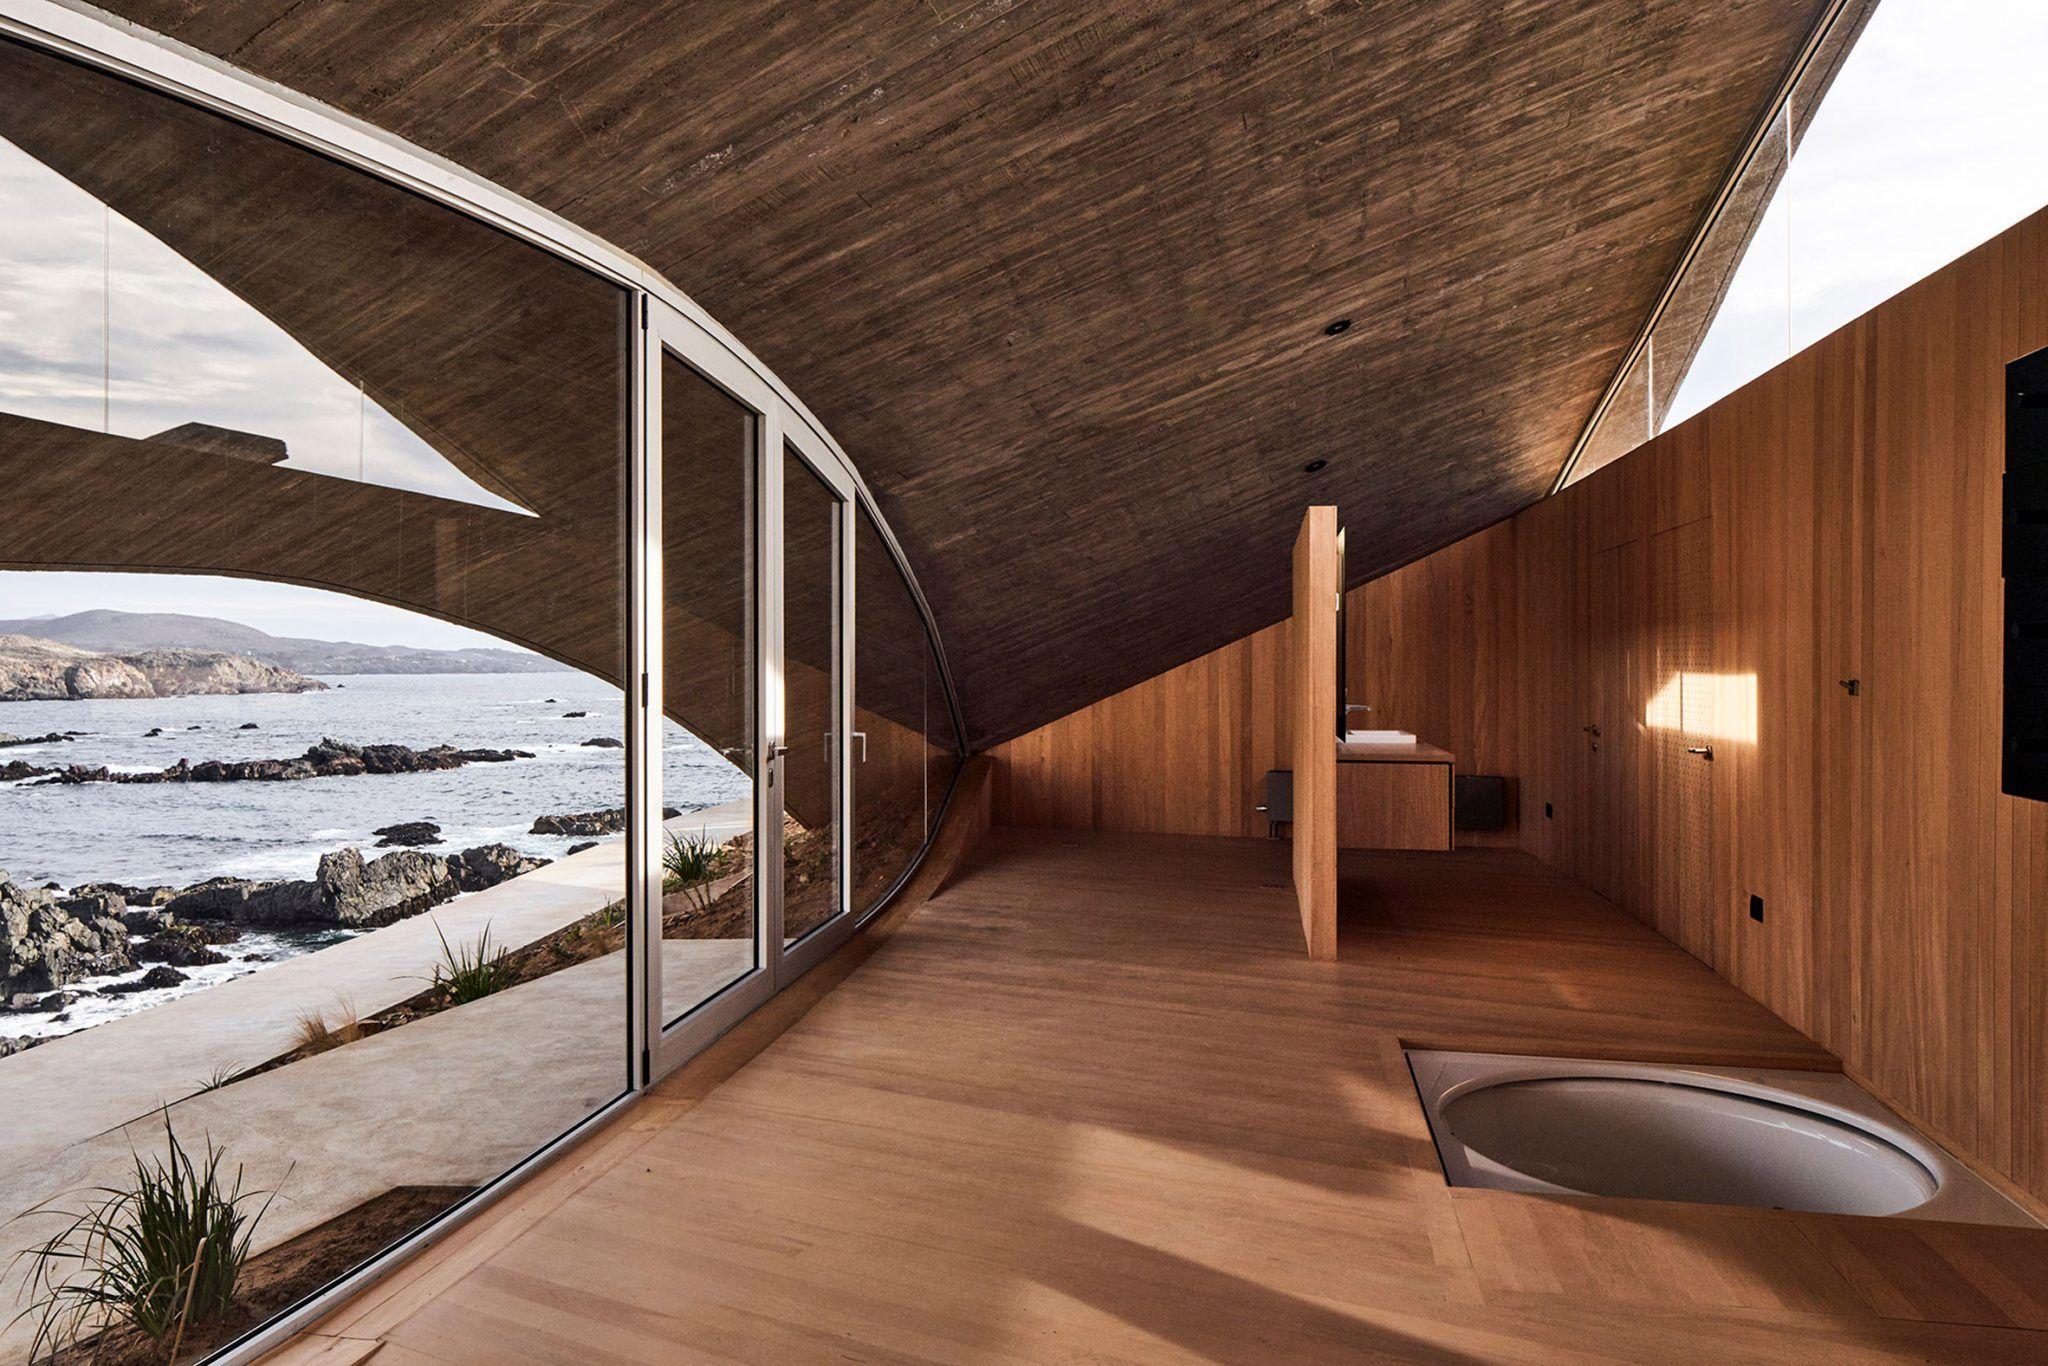 Wavy Concrete Roof Covers Weekend Retreat In Chile By Ryue Nishizawa In 2020 Ryue Nishizawa Concrete Roof Weekend Retreats